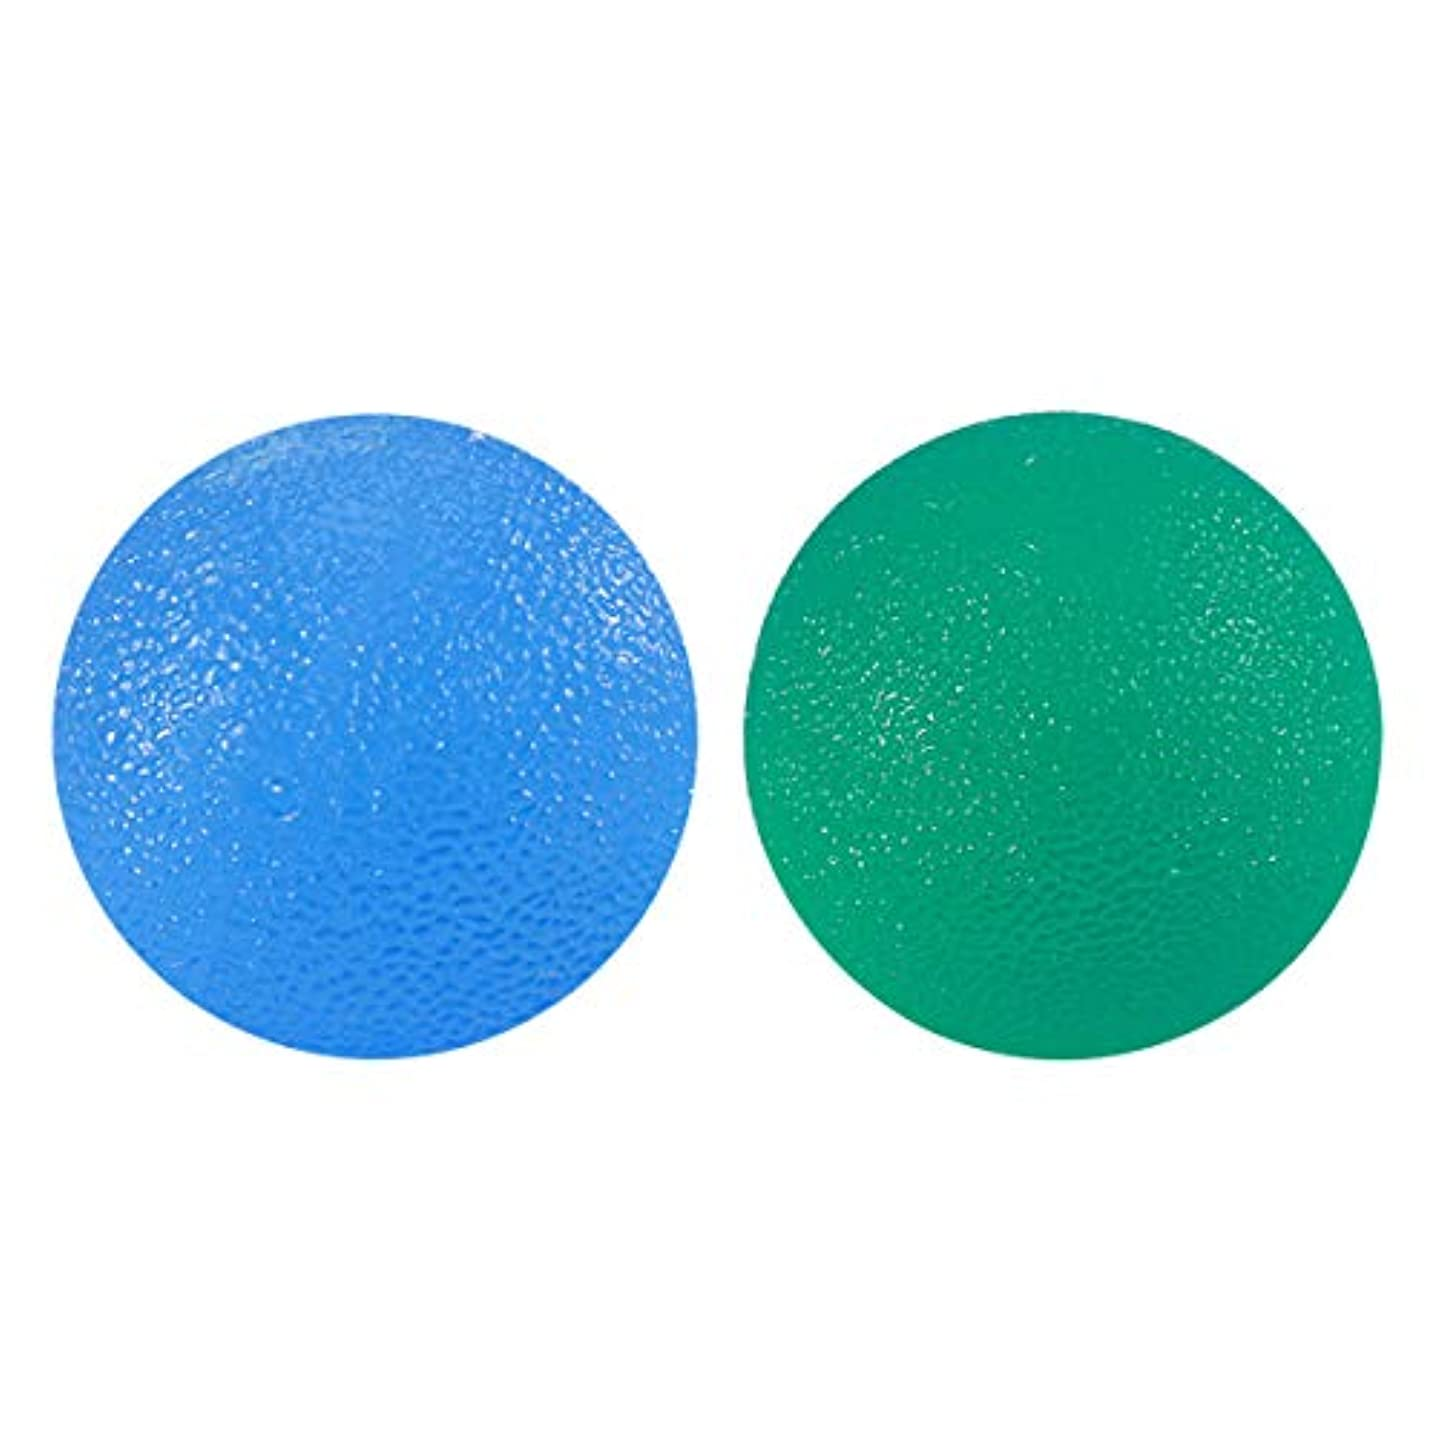 ルーム不明瞭周囲SUPVOX マッサージボール ストレッチボール 筋膜リリース ツボ押し トレーニング 健康器具 血行促進2個入(緑と青)